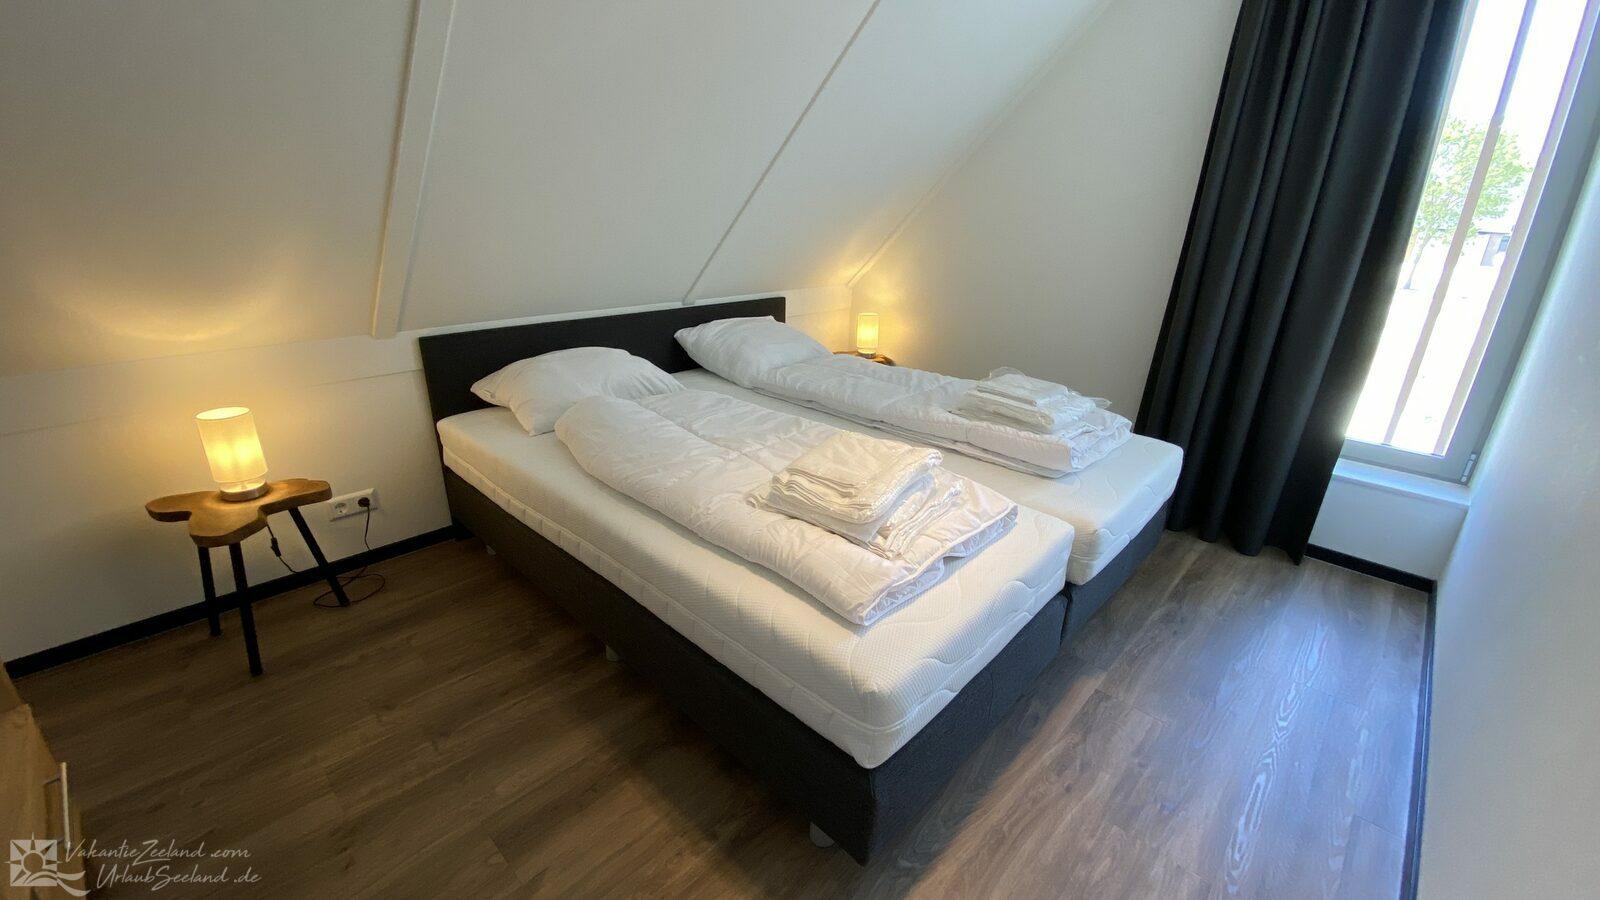 VZ845 Luxusferienhaus Ouddorp